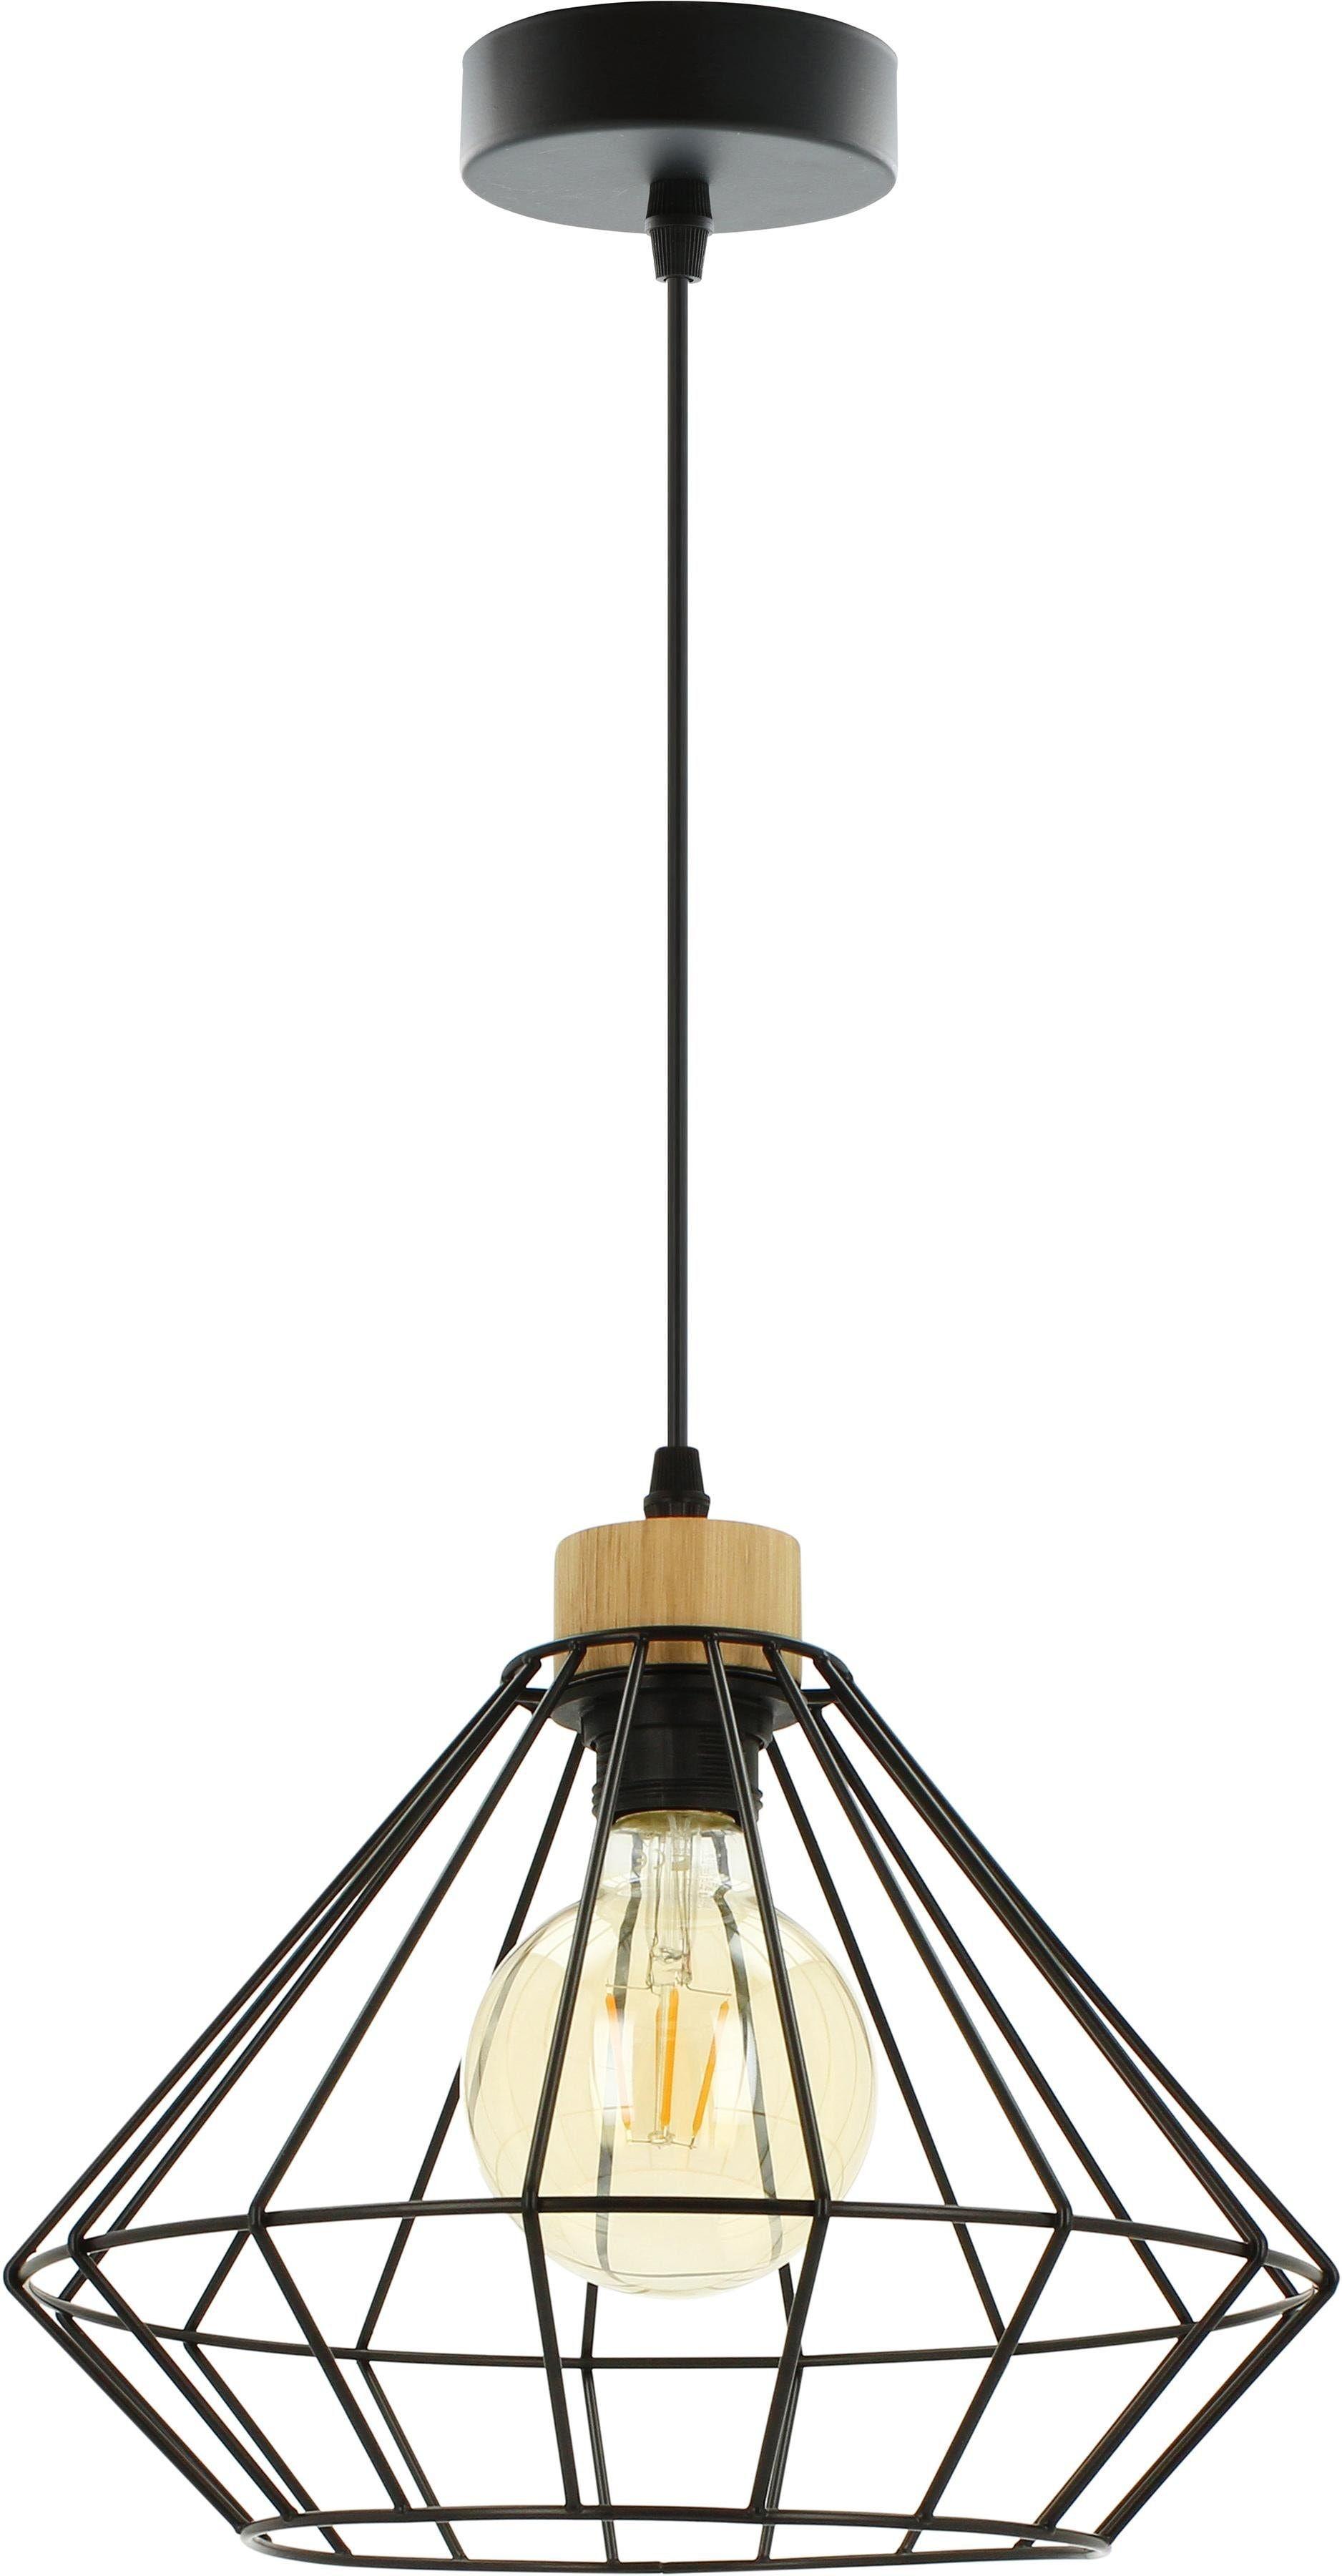 BRITOP LIGHTING Pendelleuchte RAQUELLE, E27, Hängeleuchte, Originelle Leuchte aus Metall und Eichenholz, Passend LM E27, Kabel kürzbar, Made in Europe